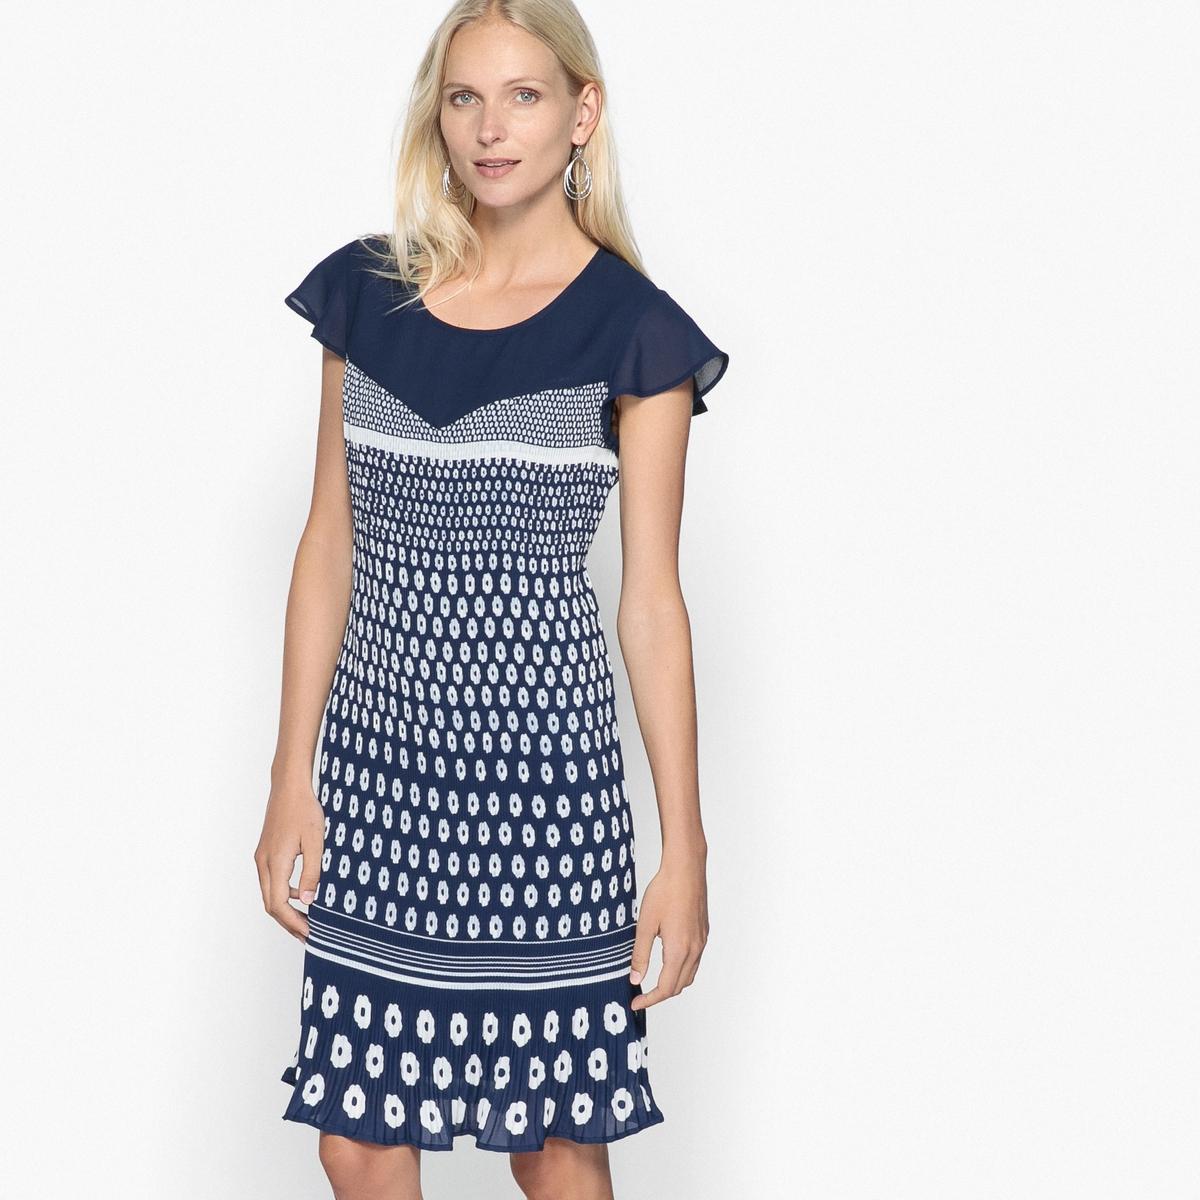 Платье с плиссировкой и рисунком средней длины топ с манишкой и плиссировкой